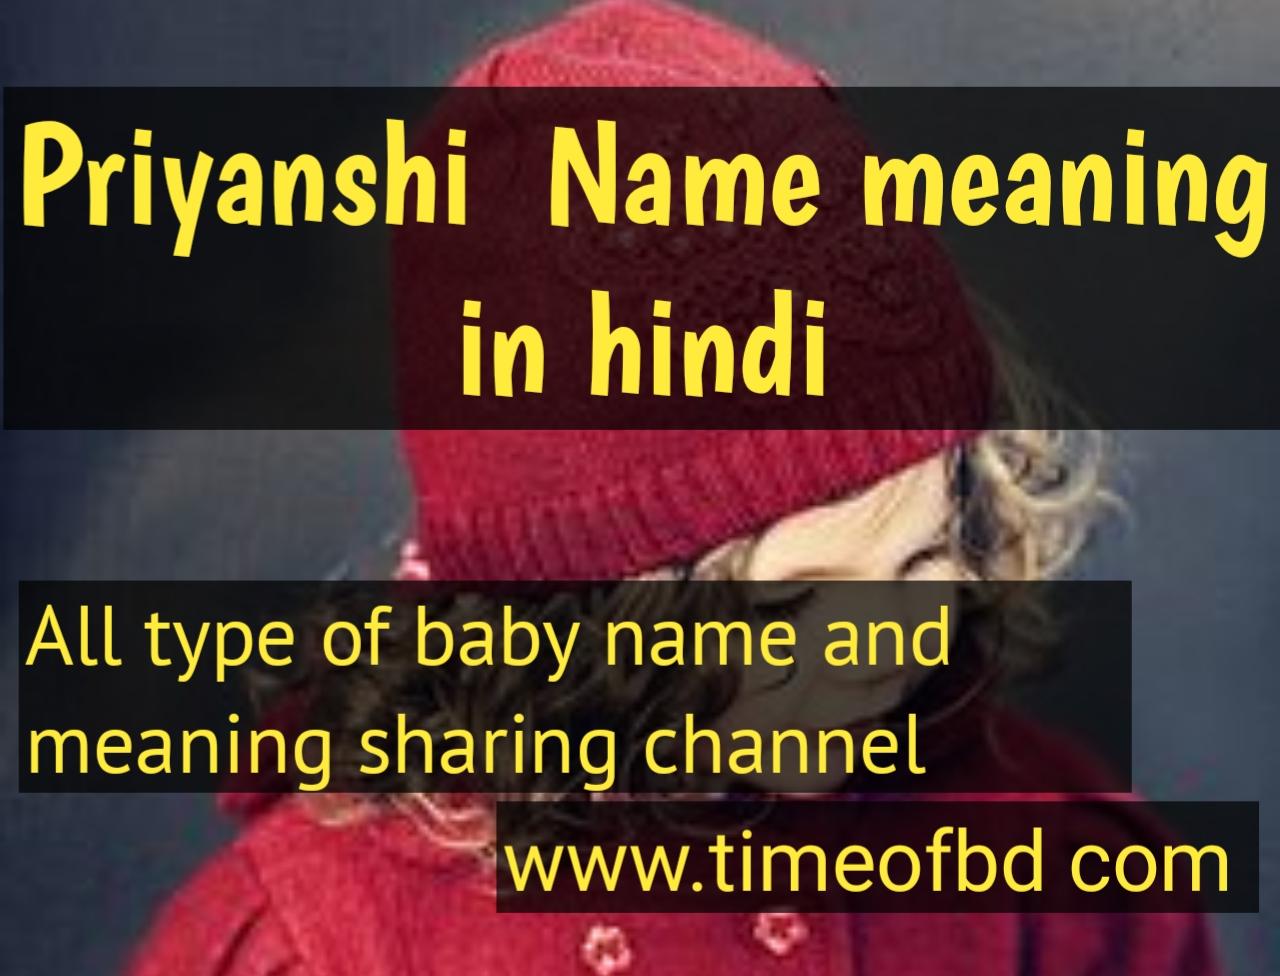 priyanshi name meaning in hindi, priyanshi ka meaning ,priyanshi meaning in hindi dictioanry,meaning of priyanshi in hindi